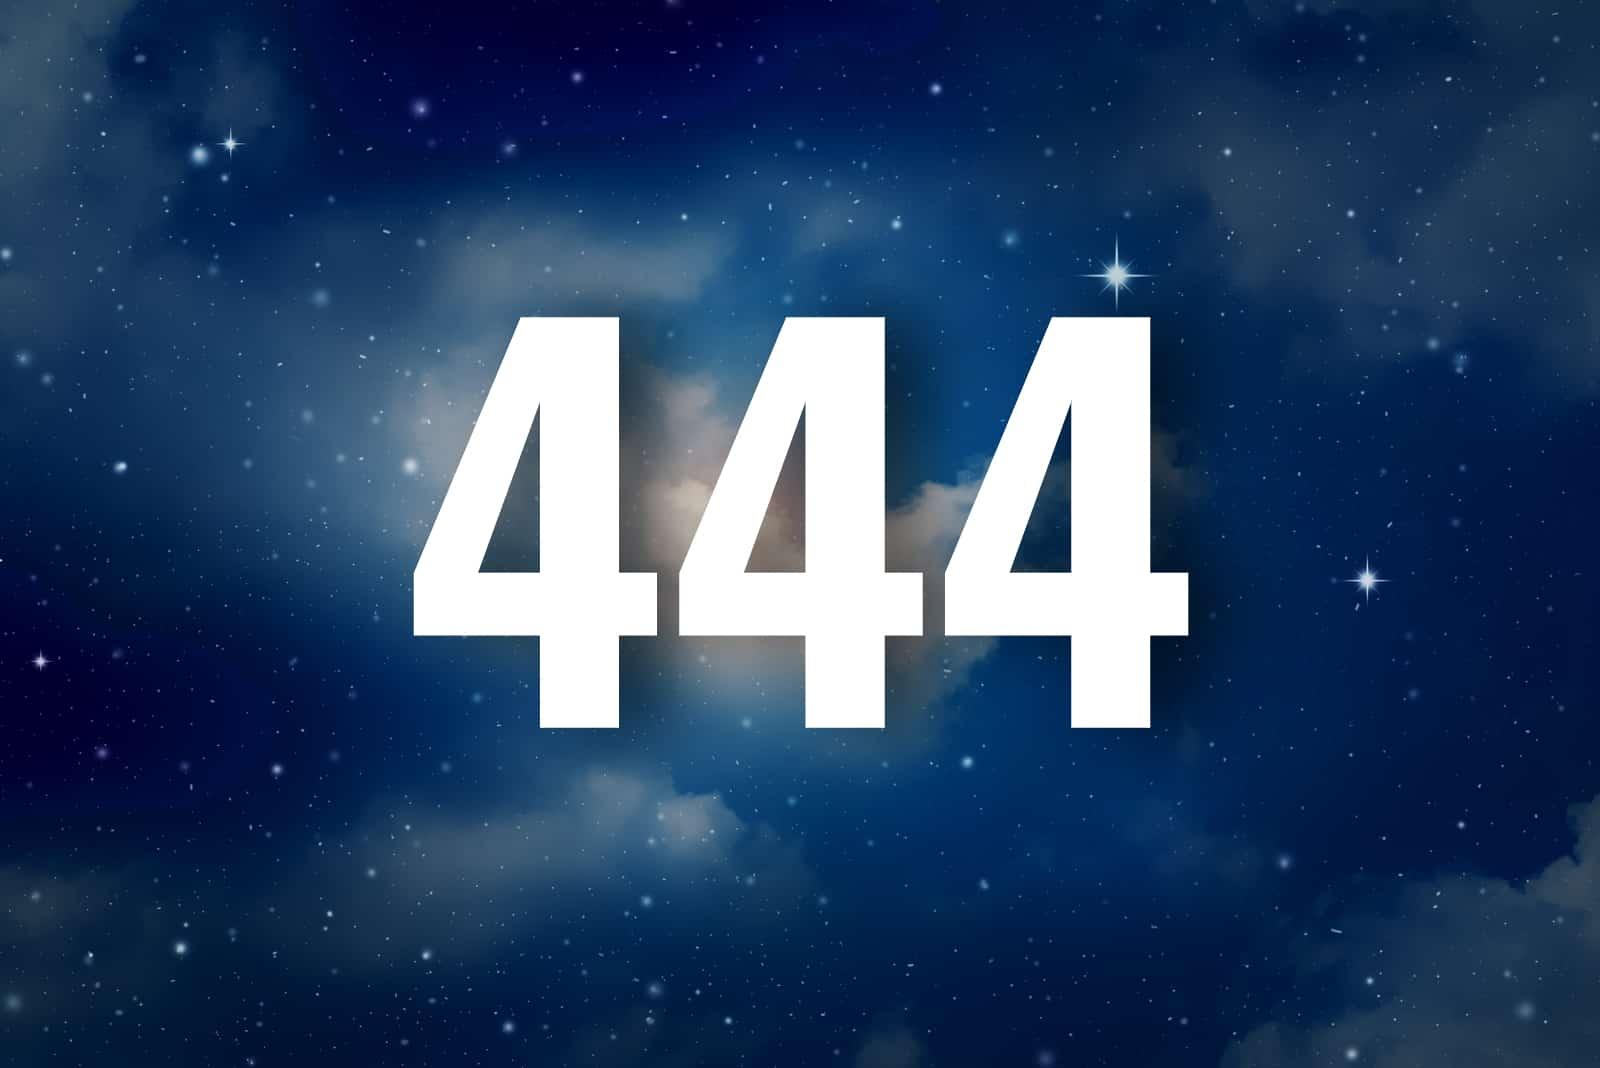 444 nummer